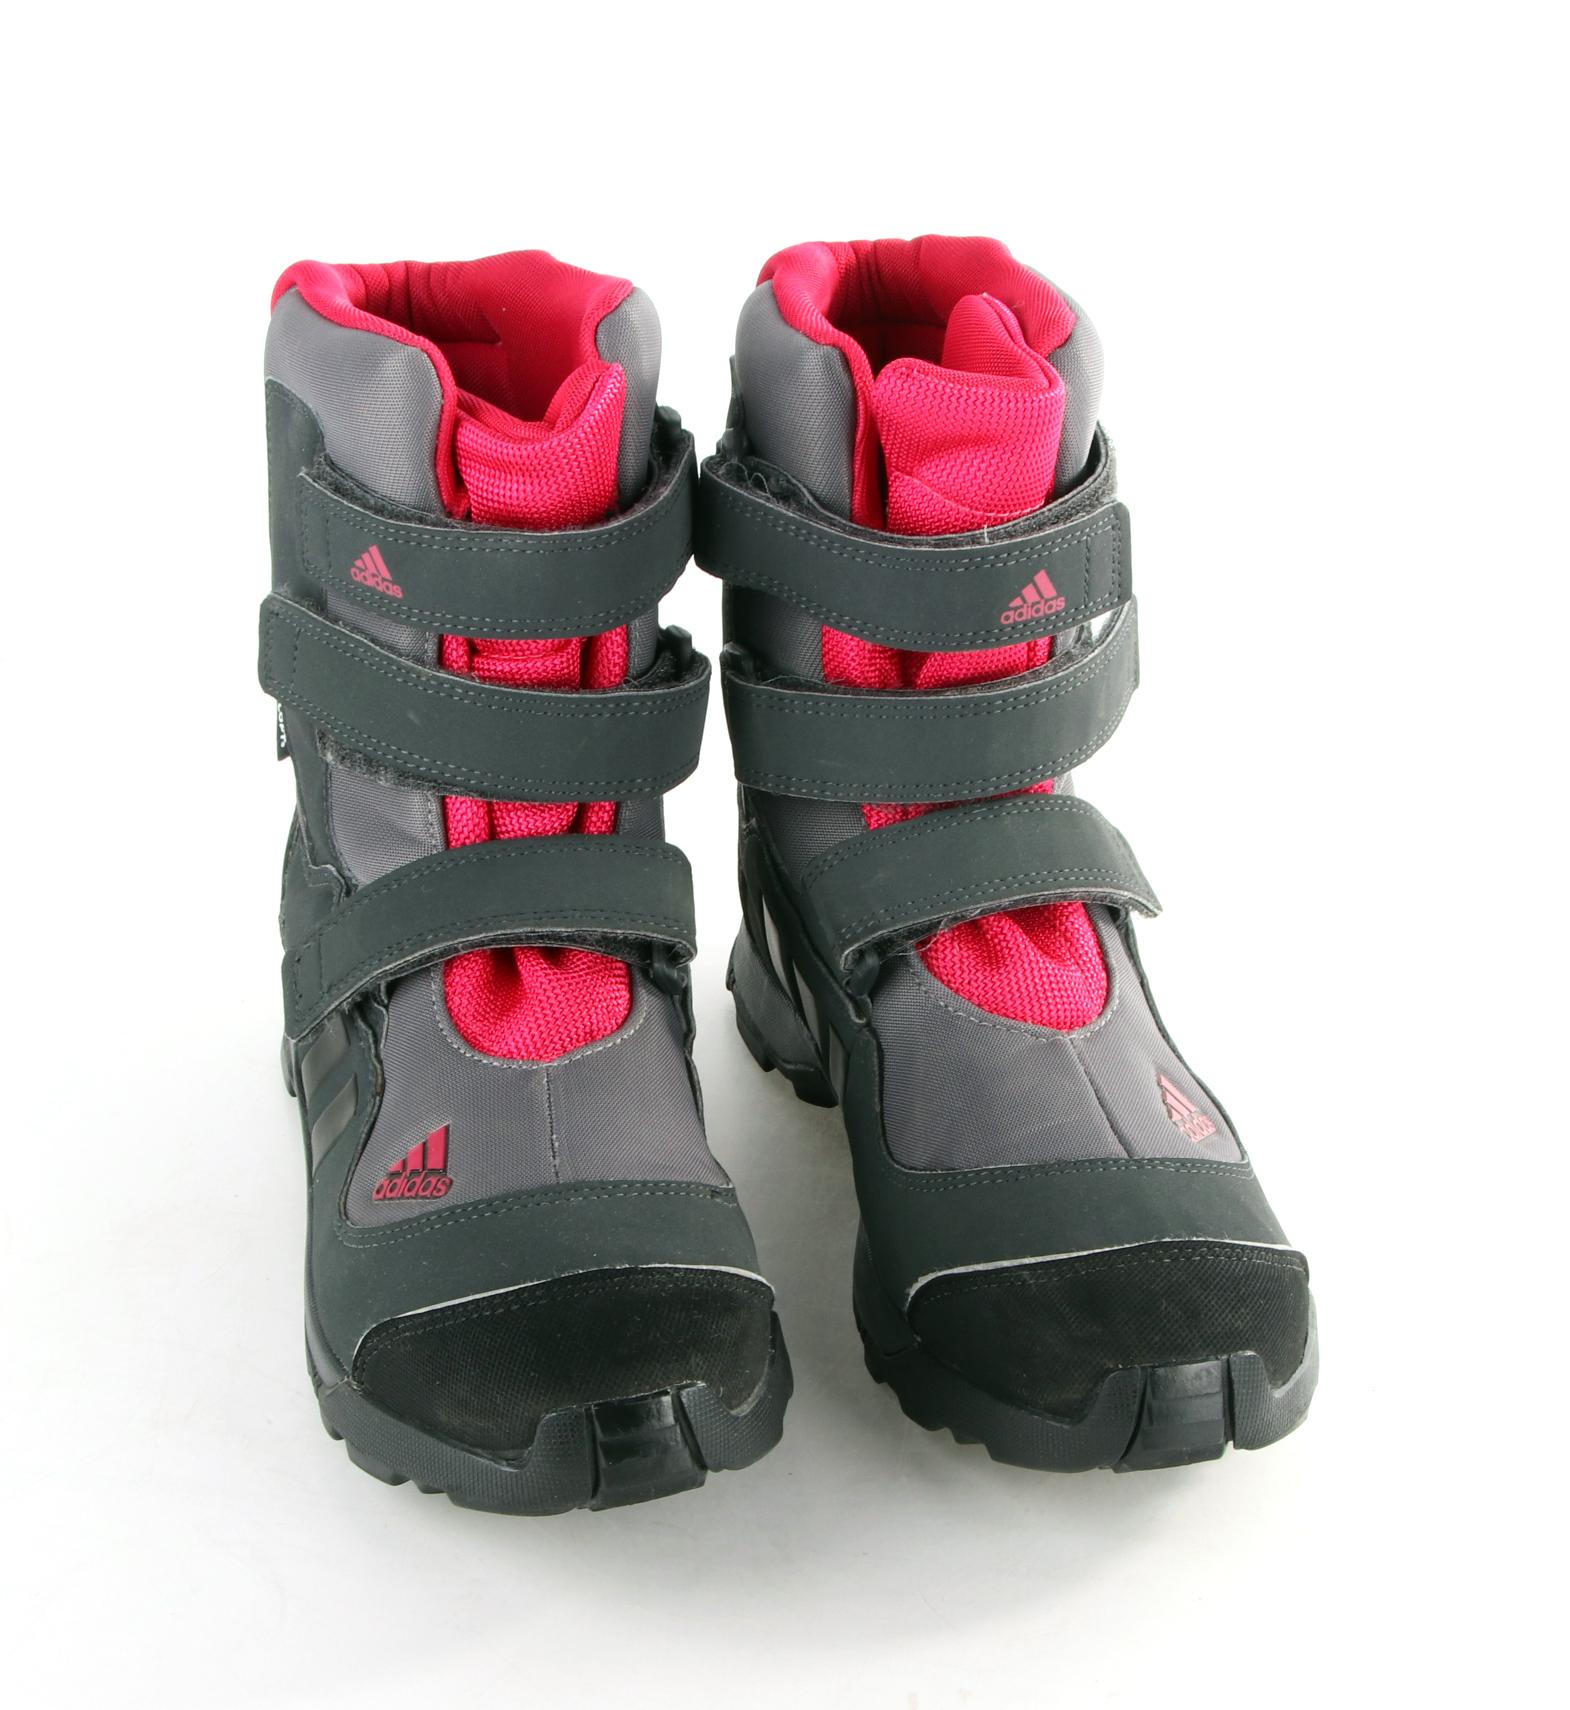 Stiefel Adidas Schuhe Mädchen Zx Primaloft Winterstiefel